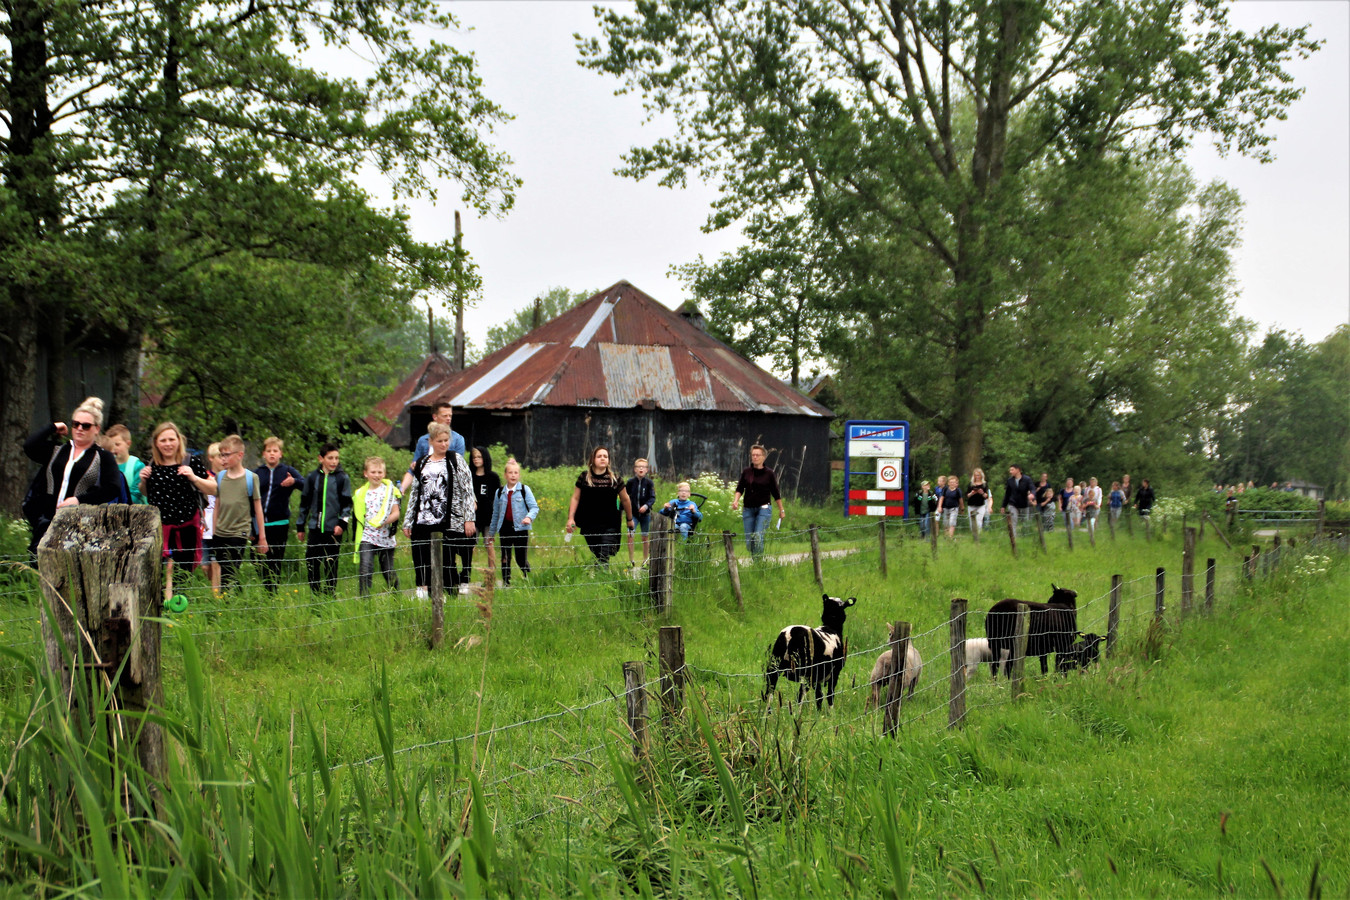 Avondvierdaagse in Hasselt voert deels door het buitengebied.